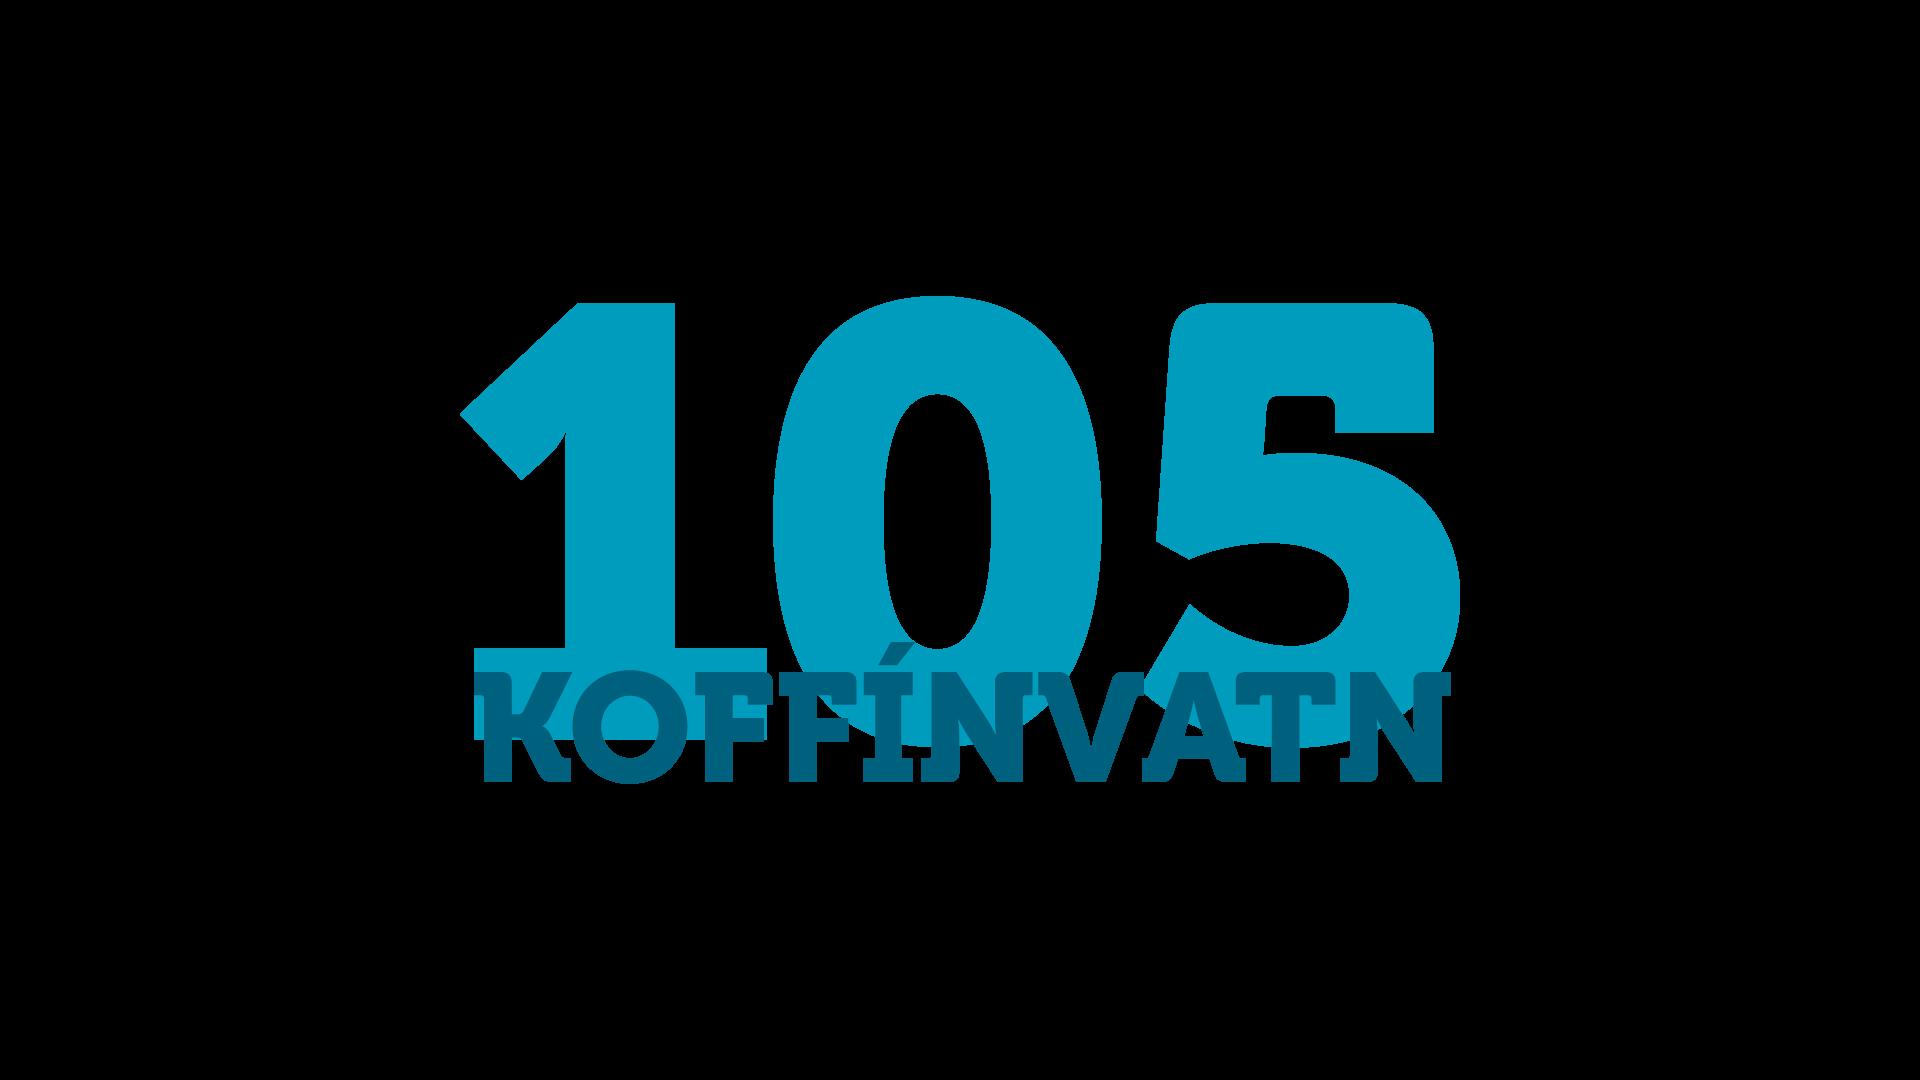 105 Koffínvatn